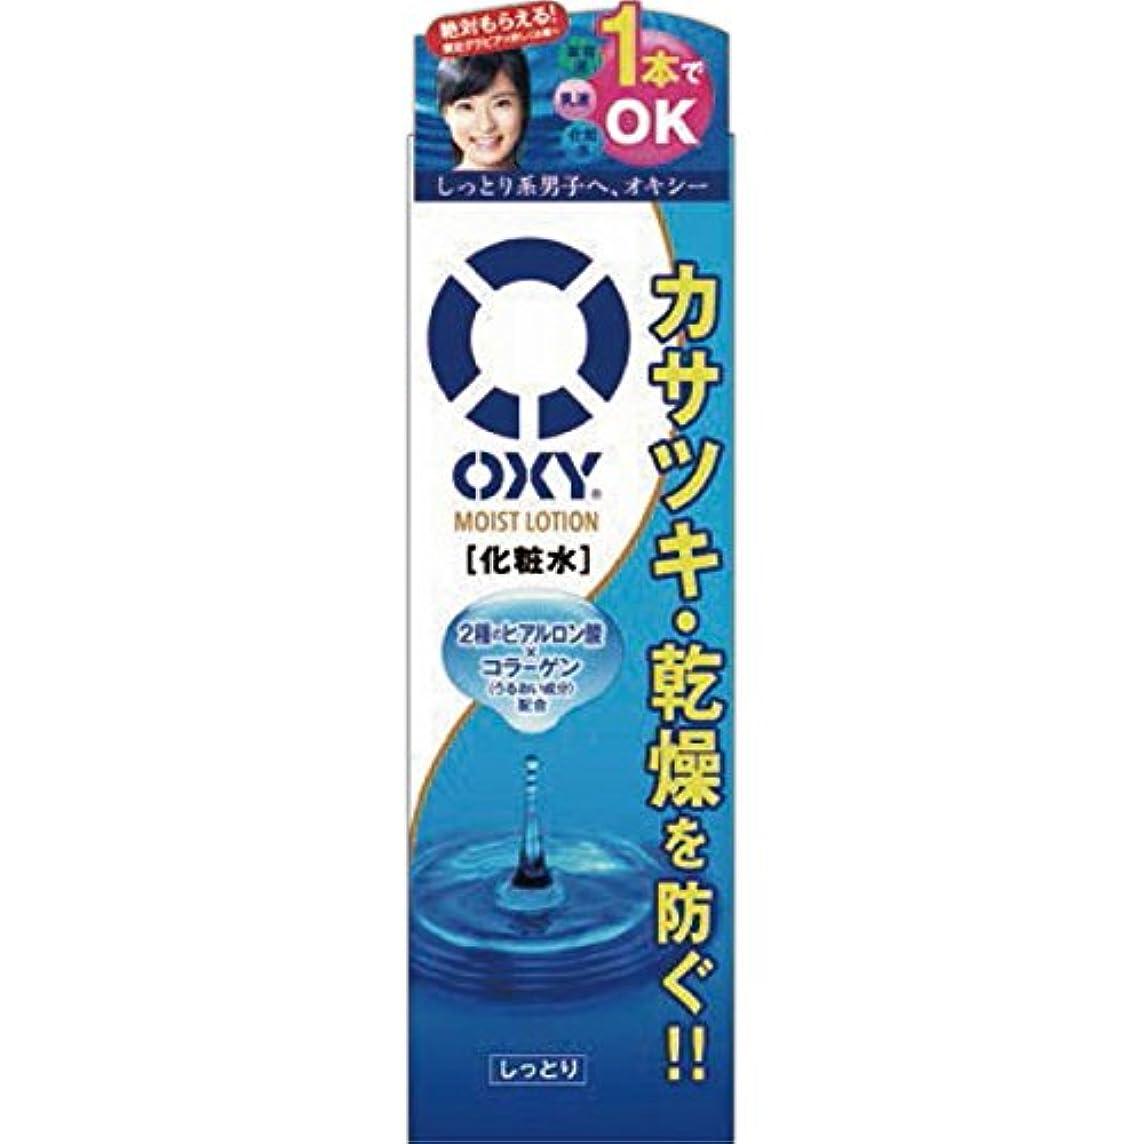 同情的ポーター出席オキシー (Oxy) モイストローション オールインワン化粧水 2種のヒアルロン酸×コラーゲン配合 ゼラニウムの香 170mL